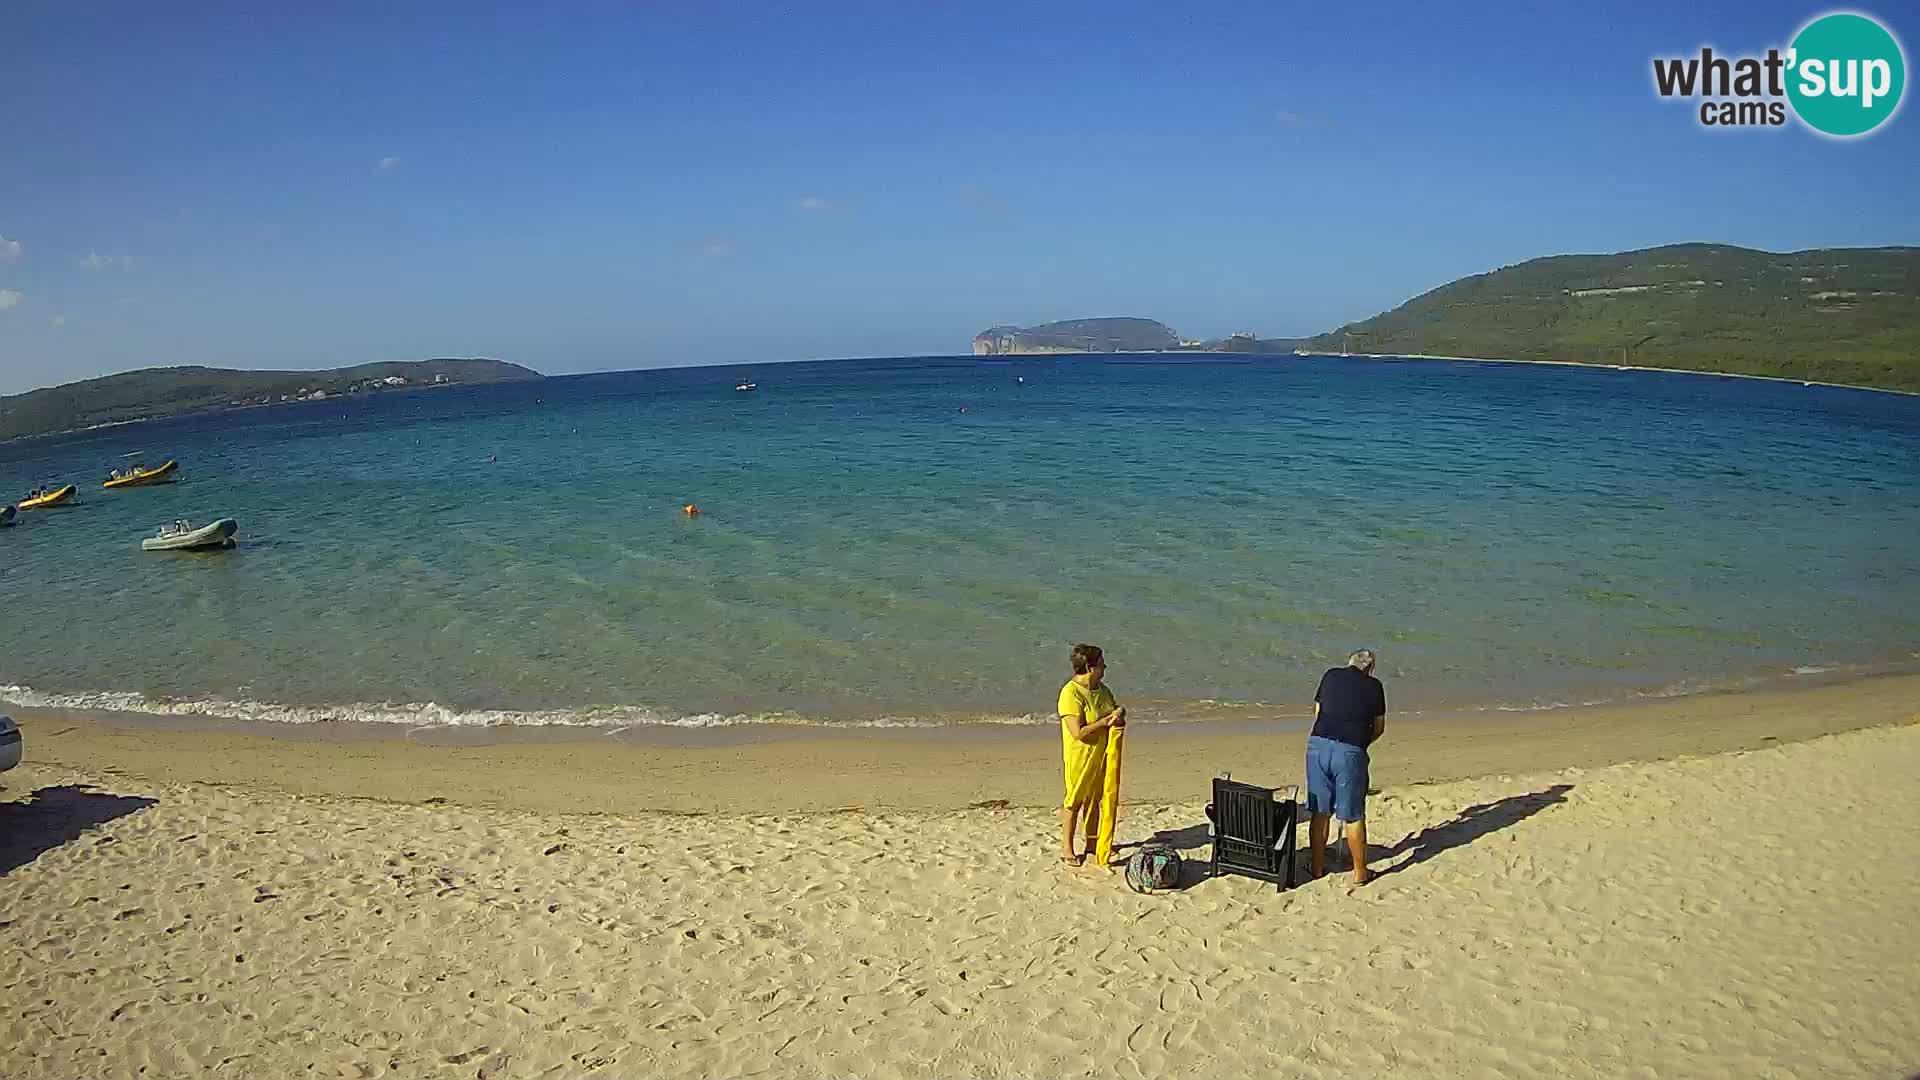 Spletna kamera v živo Plaža Mugoni – Alghero – Sardinija – Italija